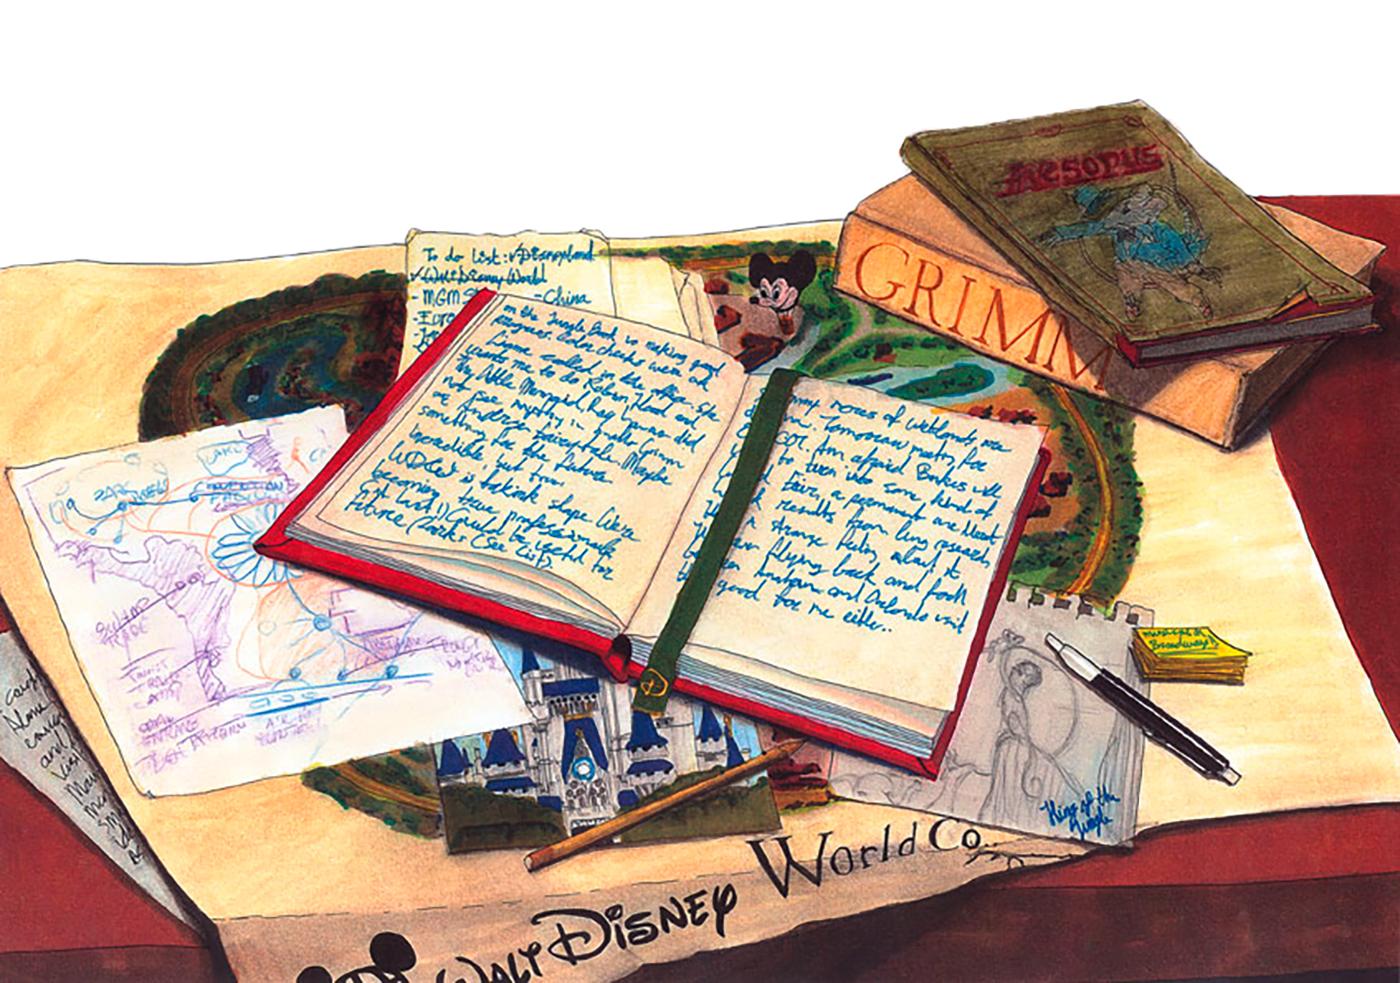 Tagebuch von Walt Disney, Copic Marker und Aquarellbuntstifte, A3